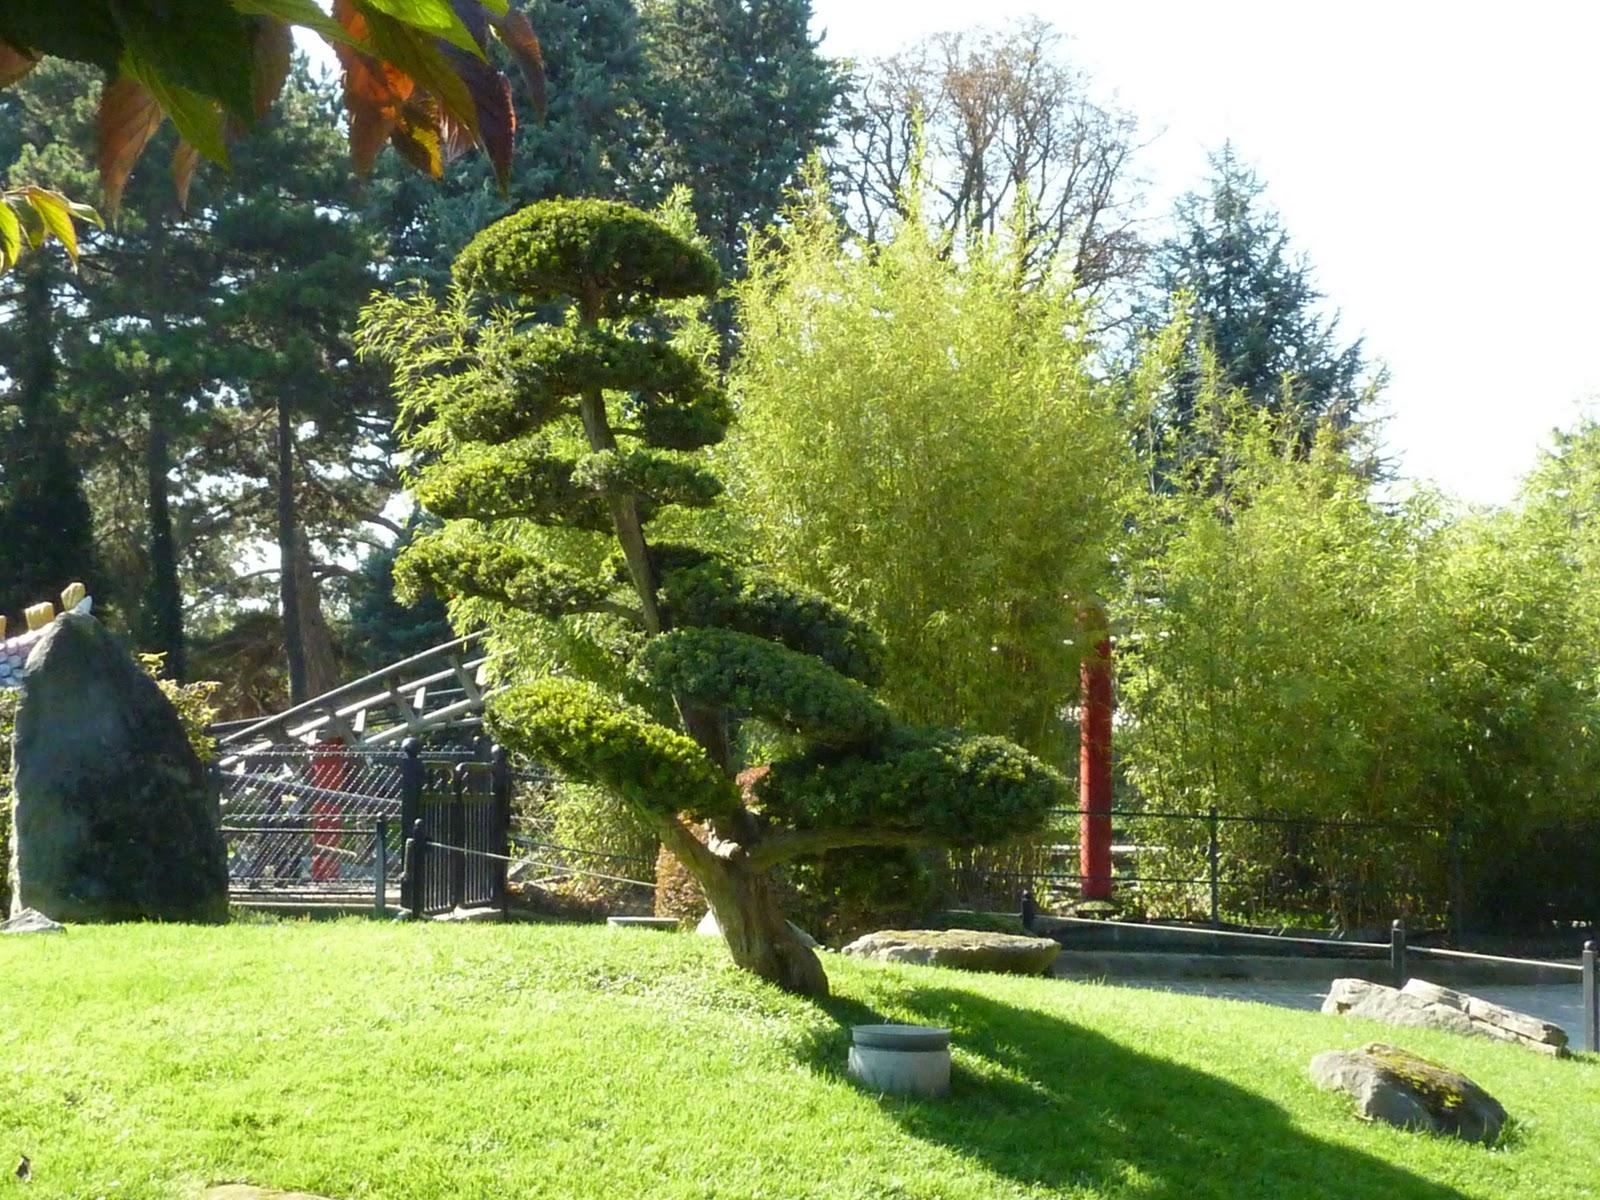 I V Cactus de Goutti¨re Jardin d Acclimatation sept 2011